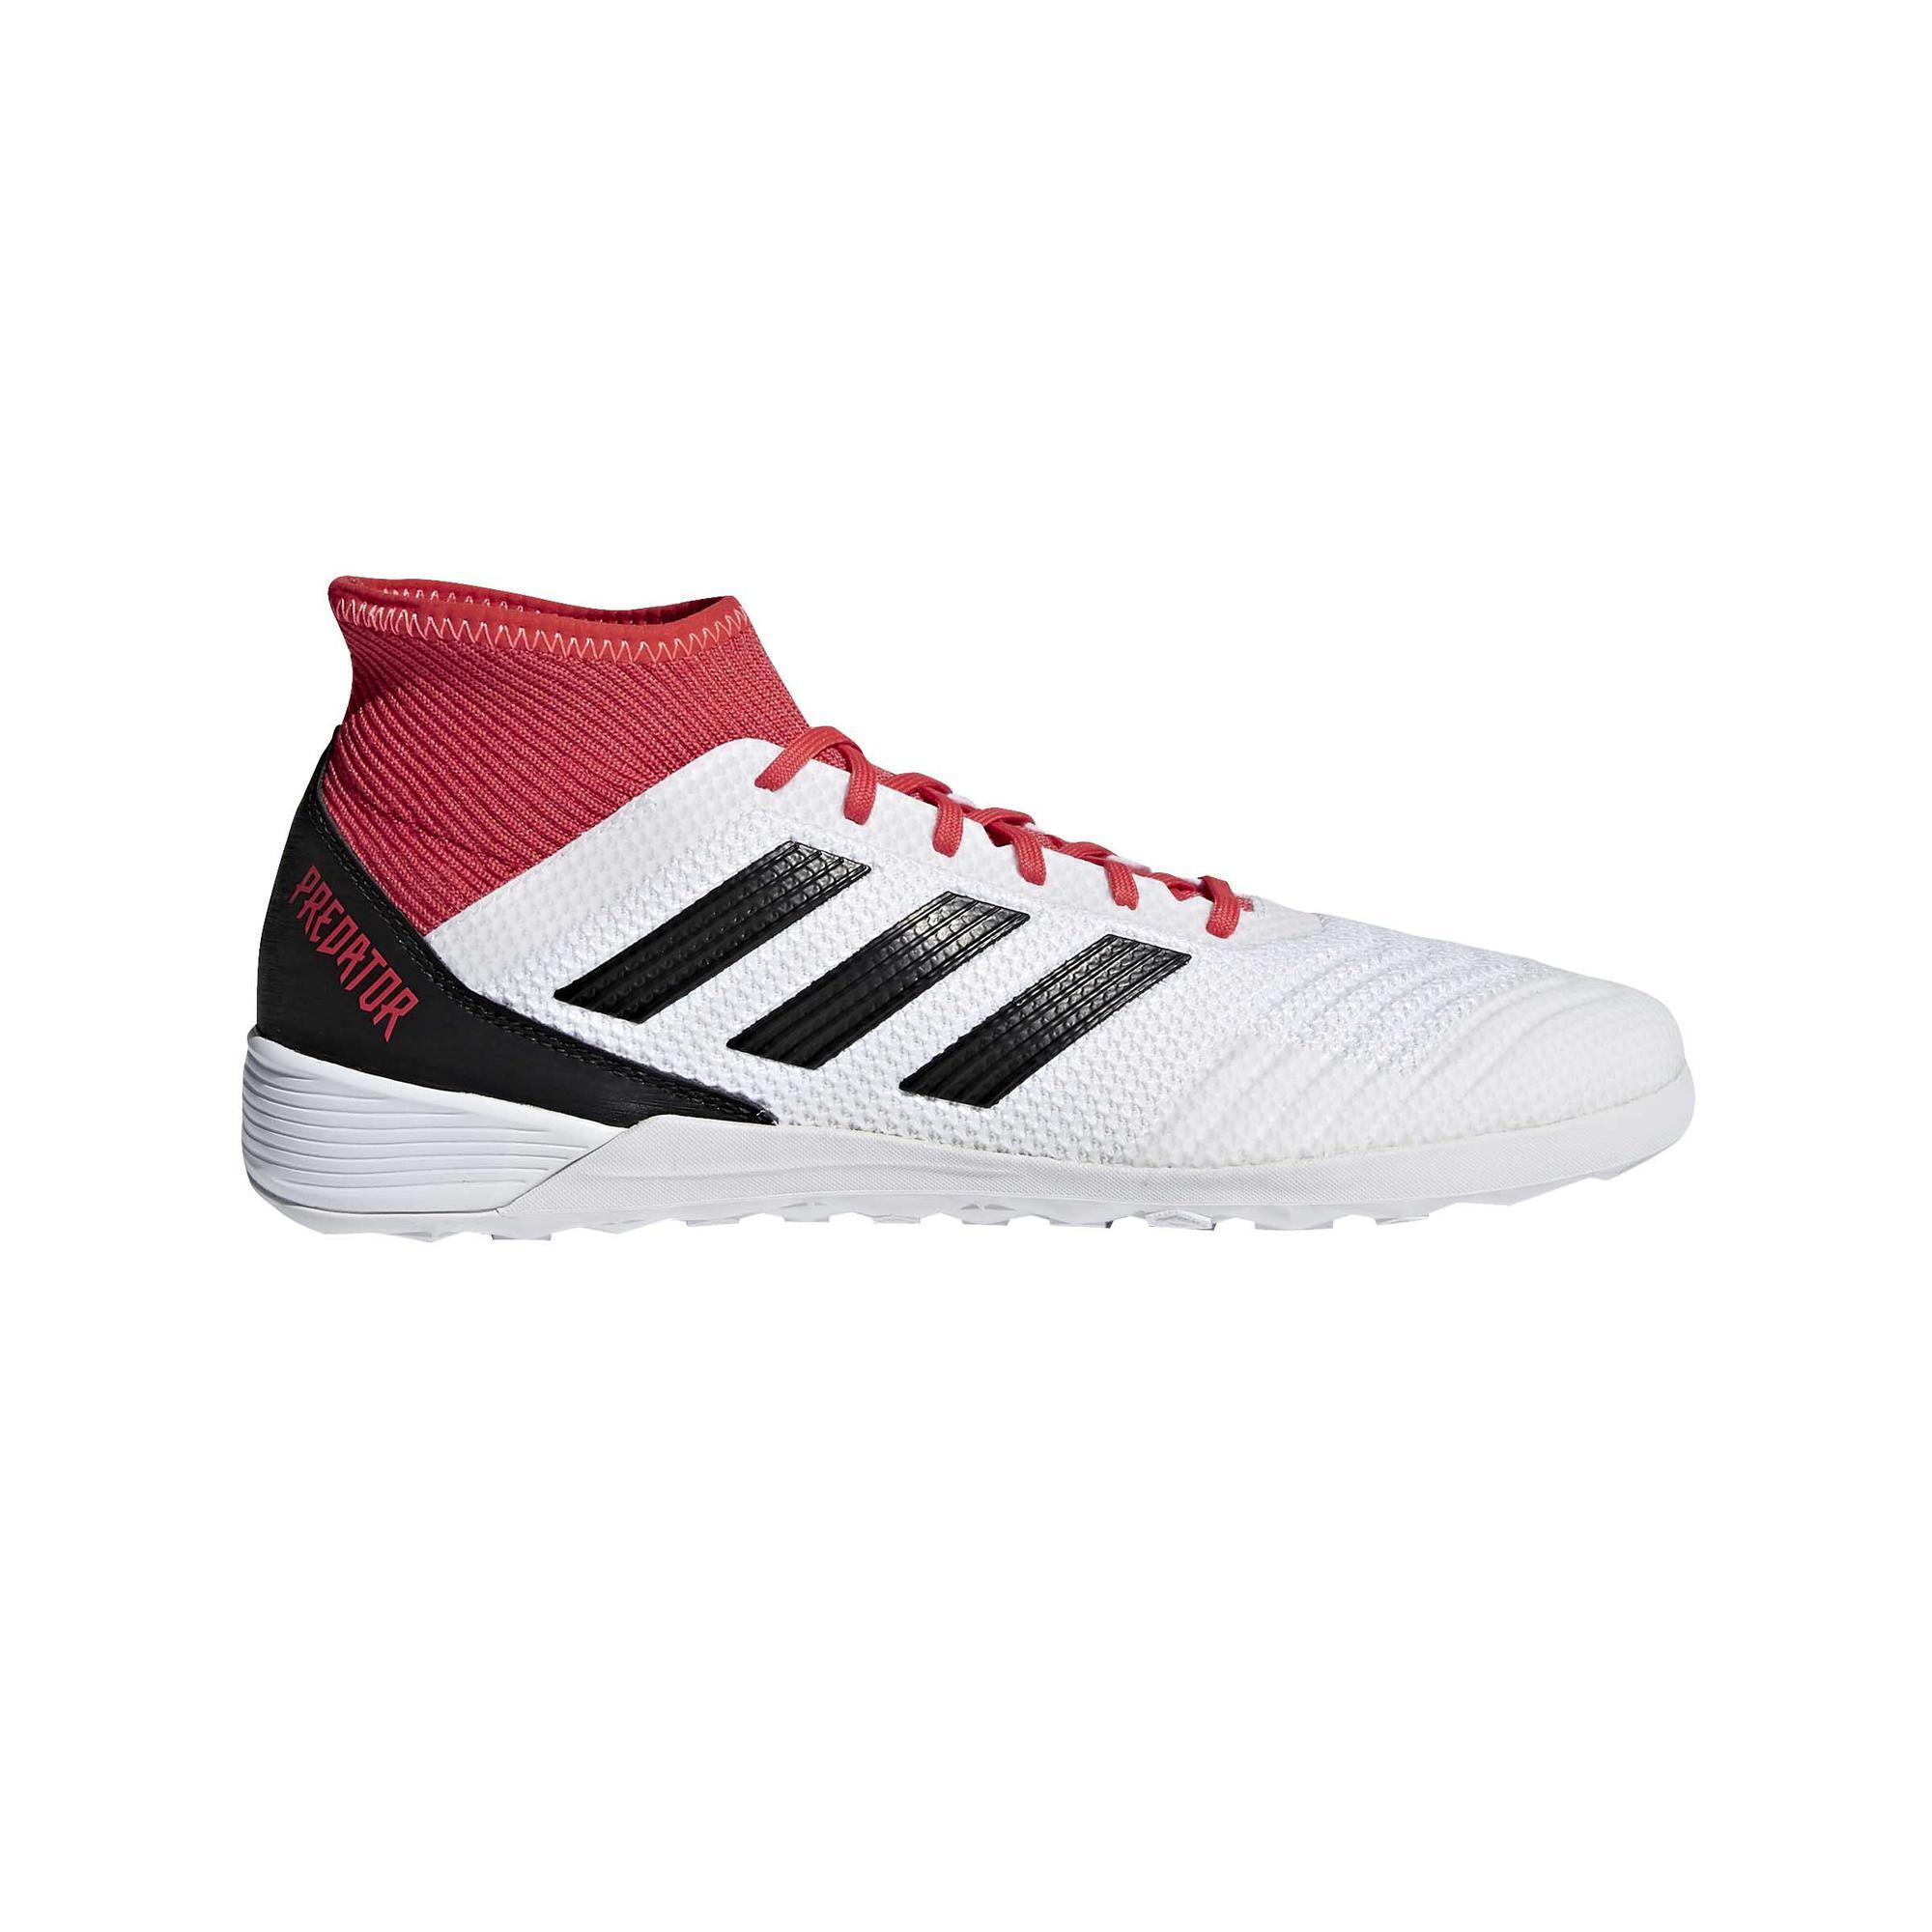 Adidas Zaalvoetbalschoenen Predator 18.3 volwassenen wit